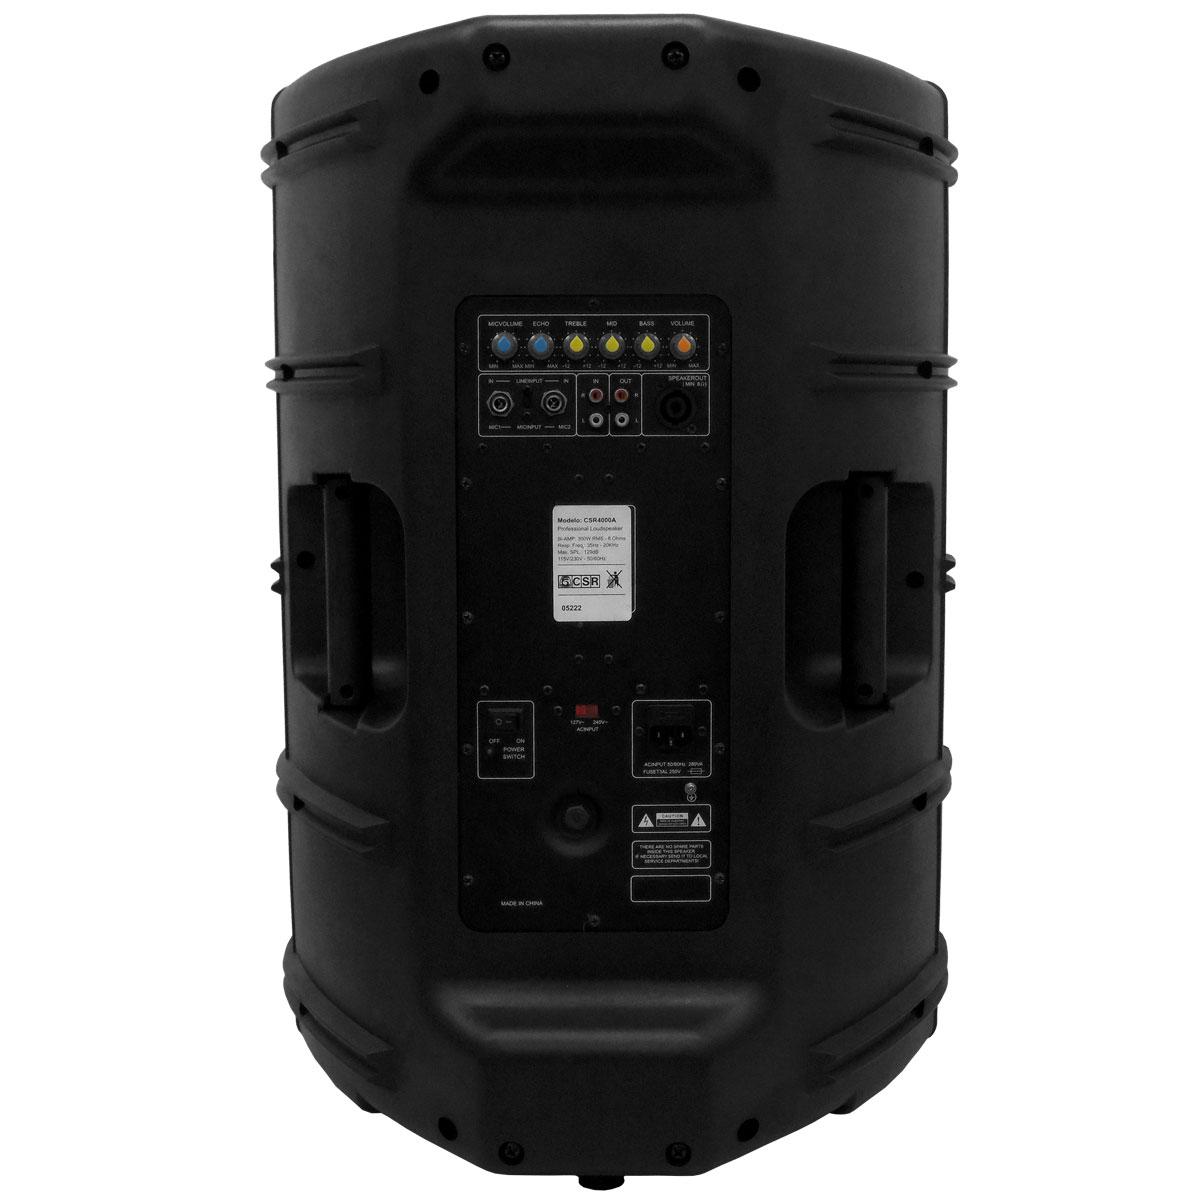 CSR4000A - Caixa CSR 4000 A Ativa 300W com 3 Entradas com Eco